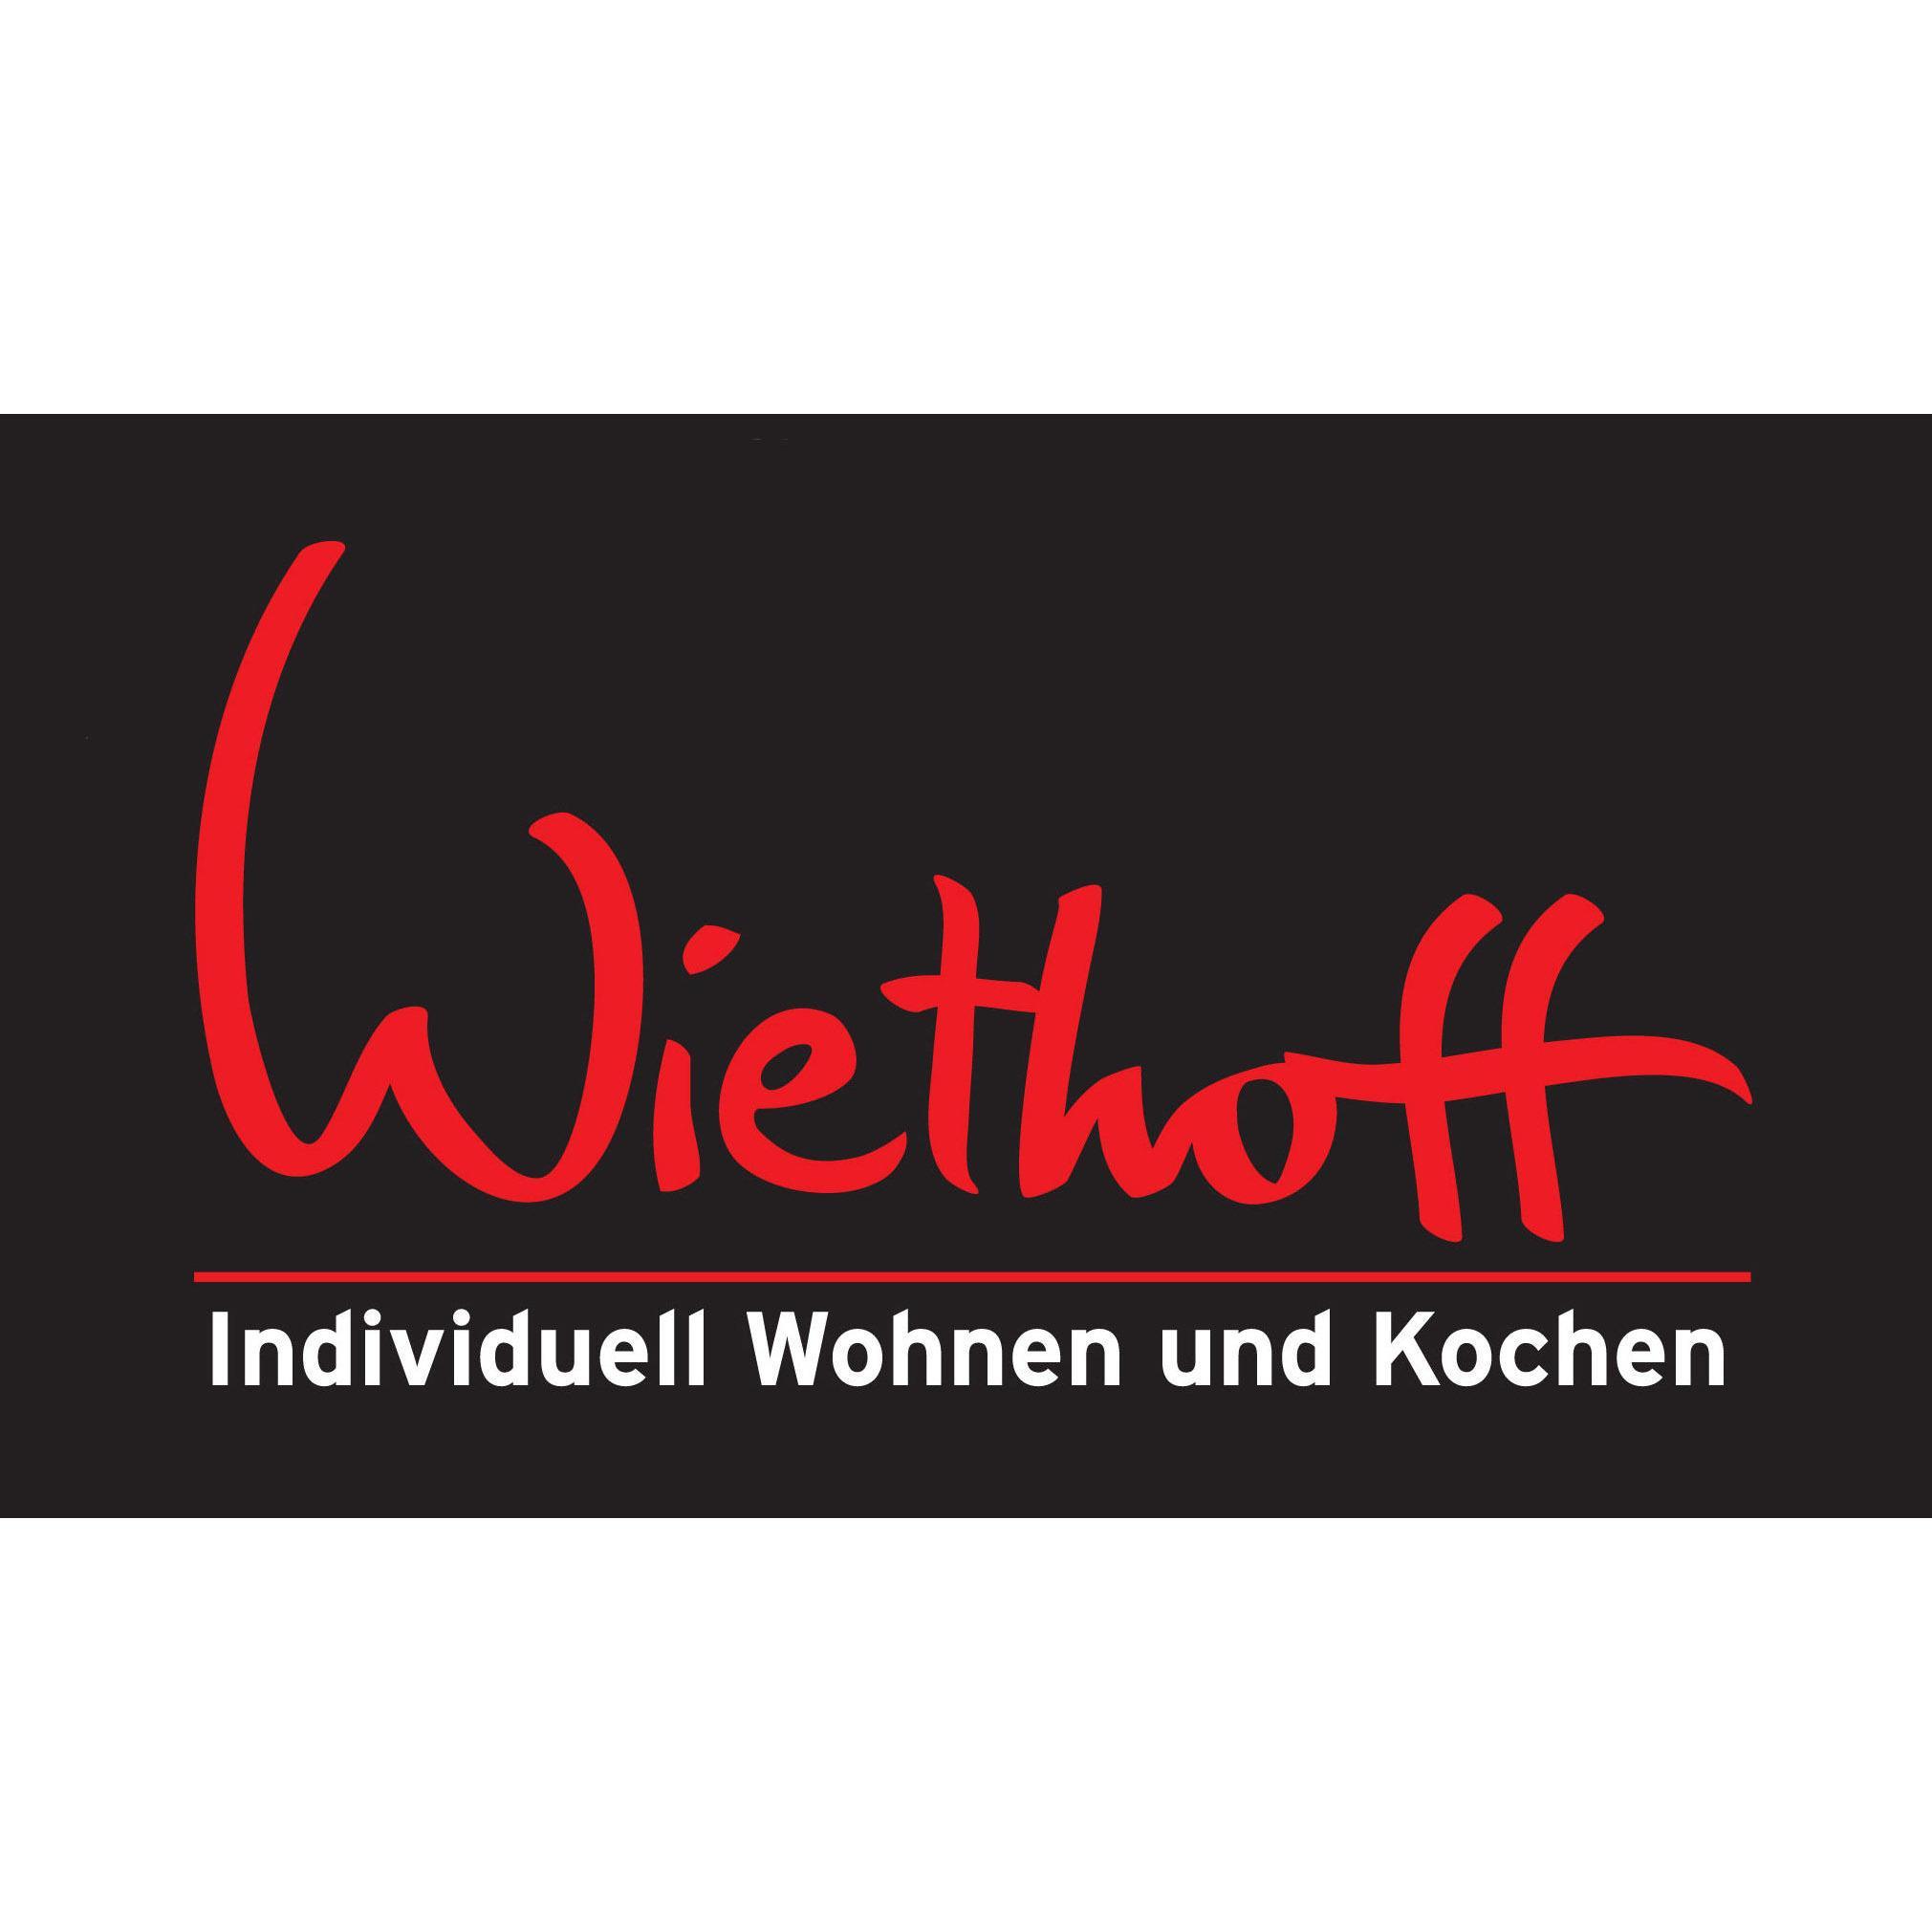 wofi leuchten wortmann filz gmbh lampenschirme kleinhandel meschede deutschland tel. Black Bedroom Furniture Sets. Home Design Ideas